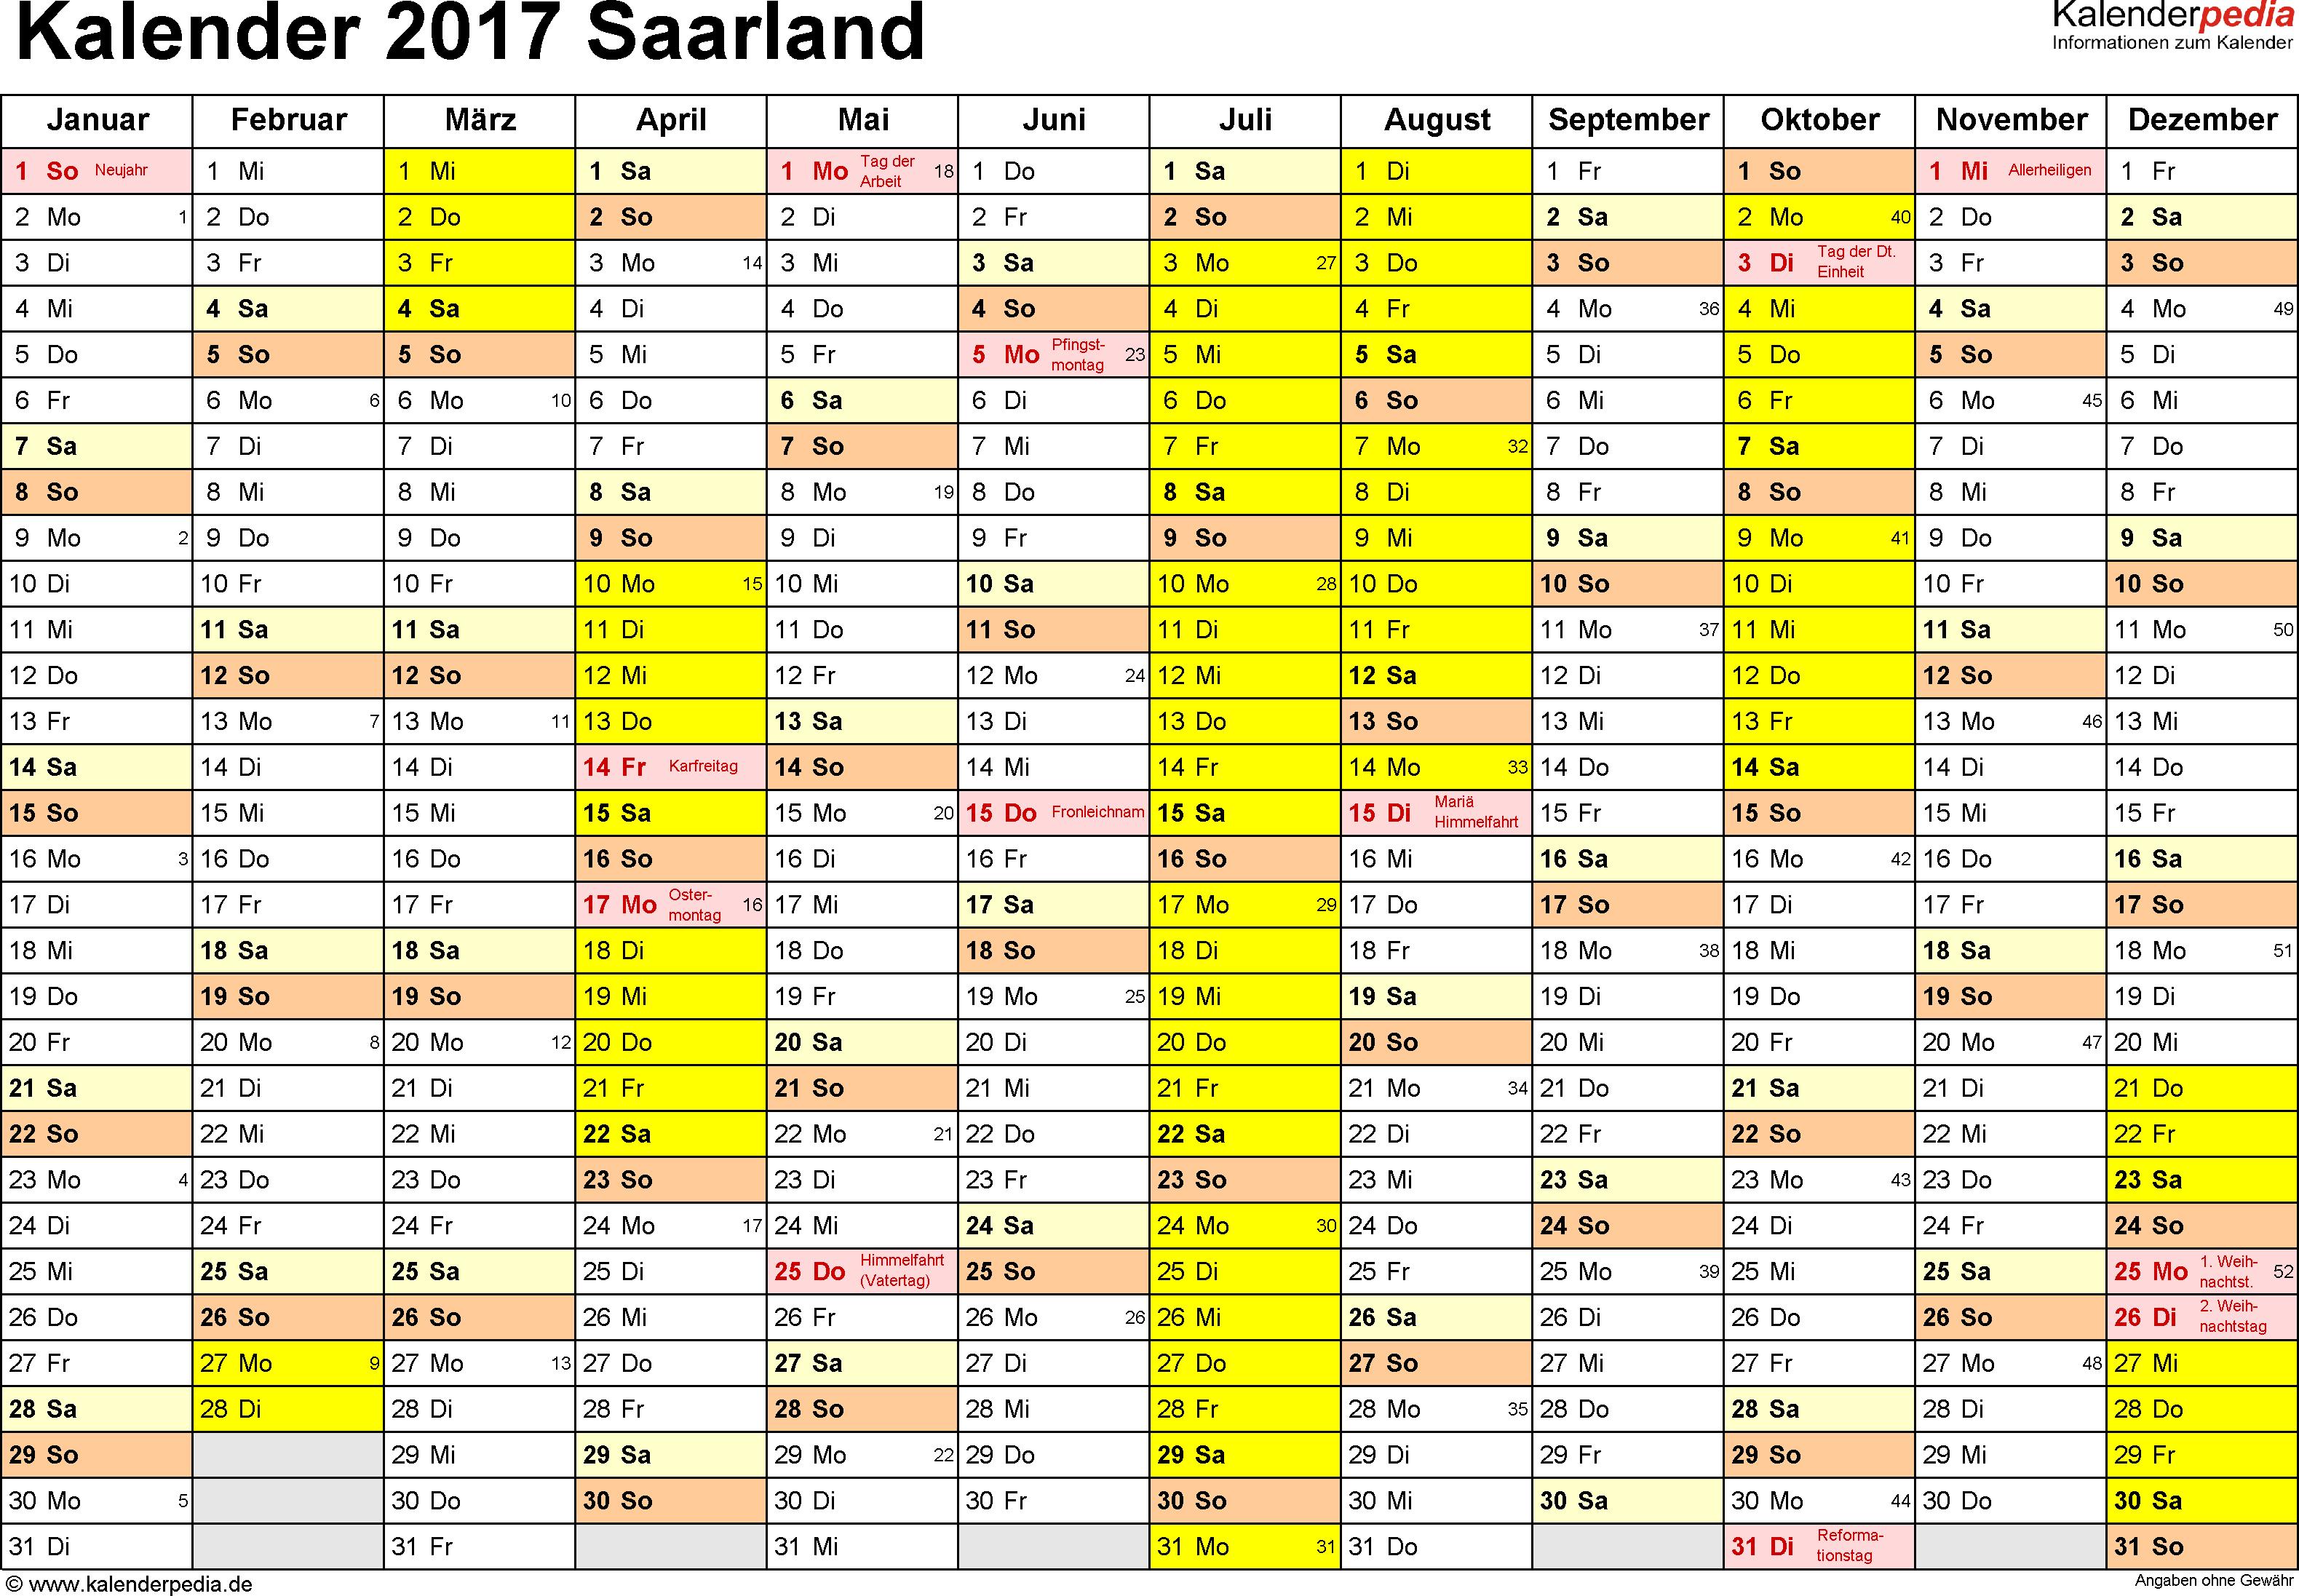 Vorlage 1: Kalender 2017 für Saarland als Excel-Vorlage (Querformat, 1 Seite)